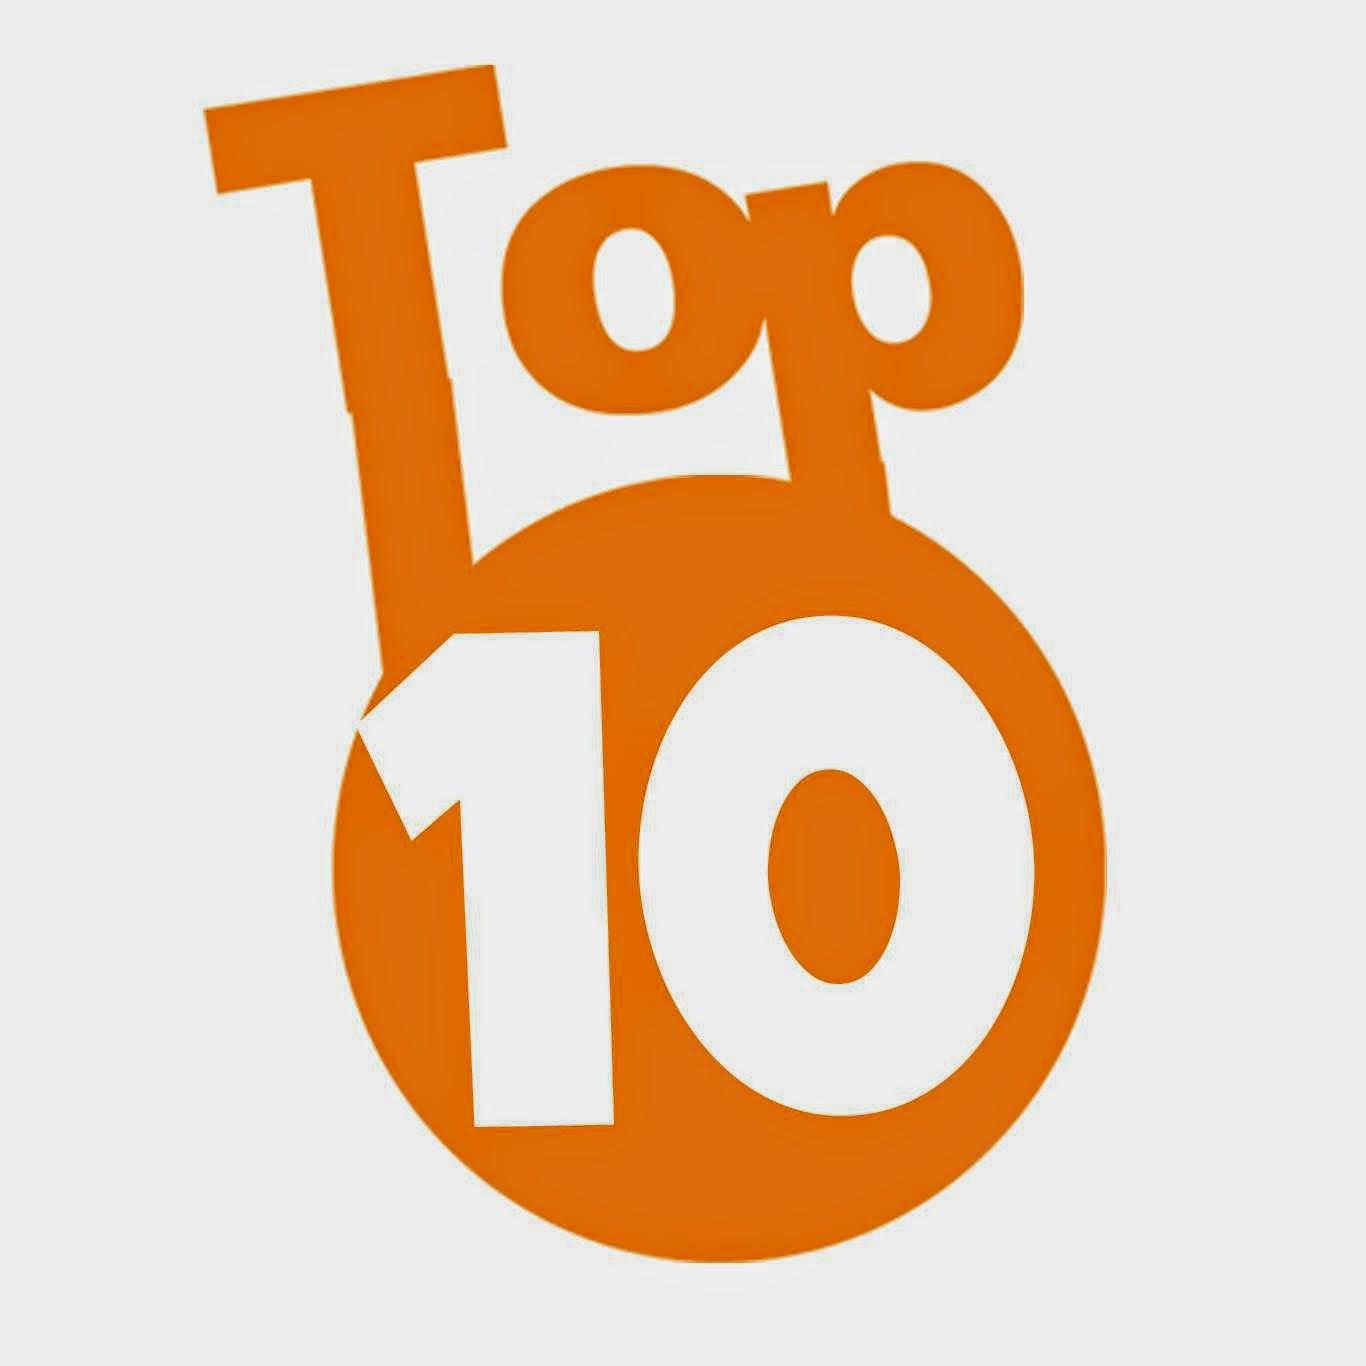 10 مواقع مفيده ومذهله عليك تجربتها